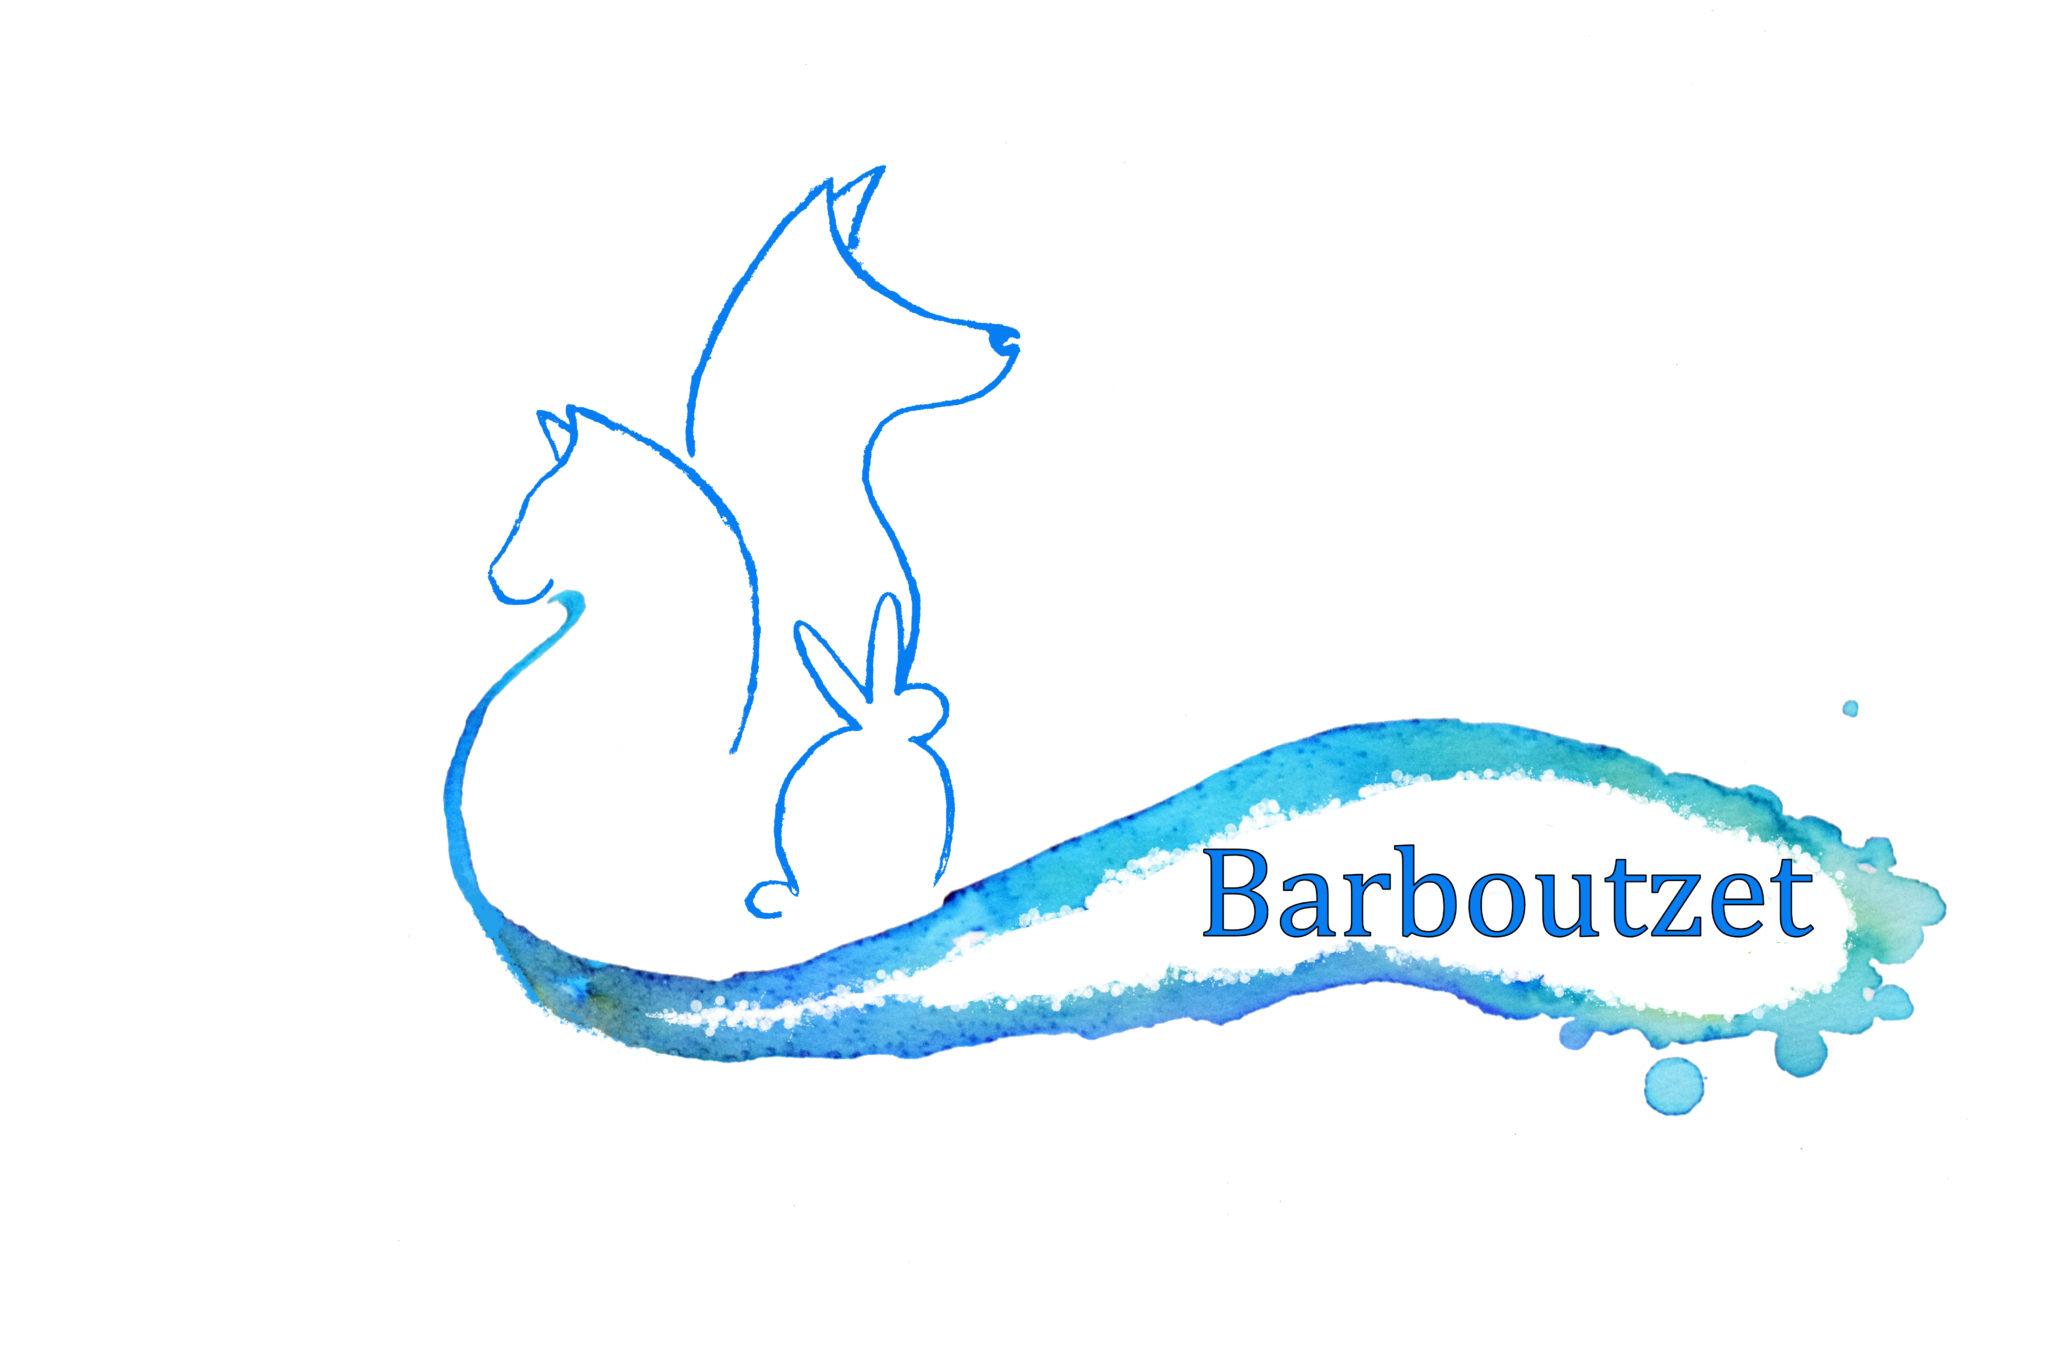 Haustierpraxis Barboutzet/cabinet vétérinaire Barboutzet